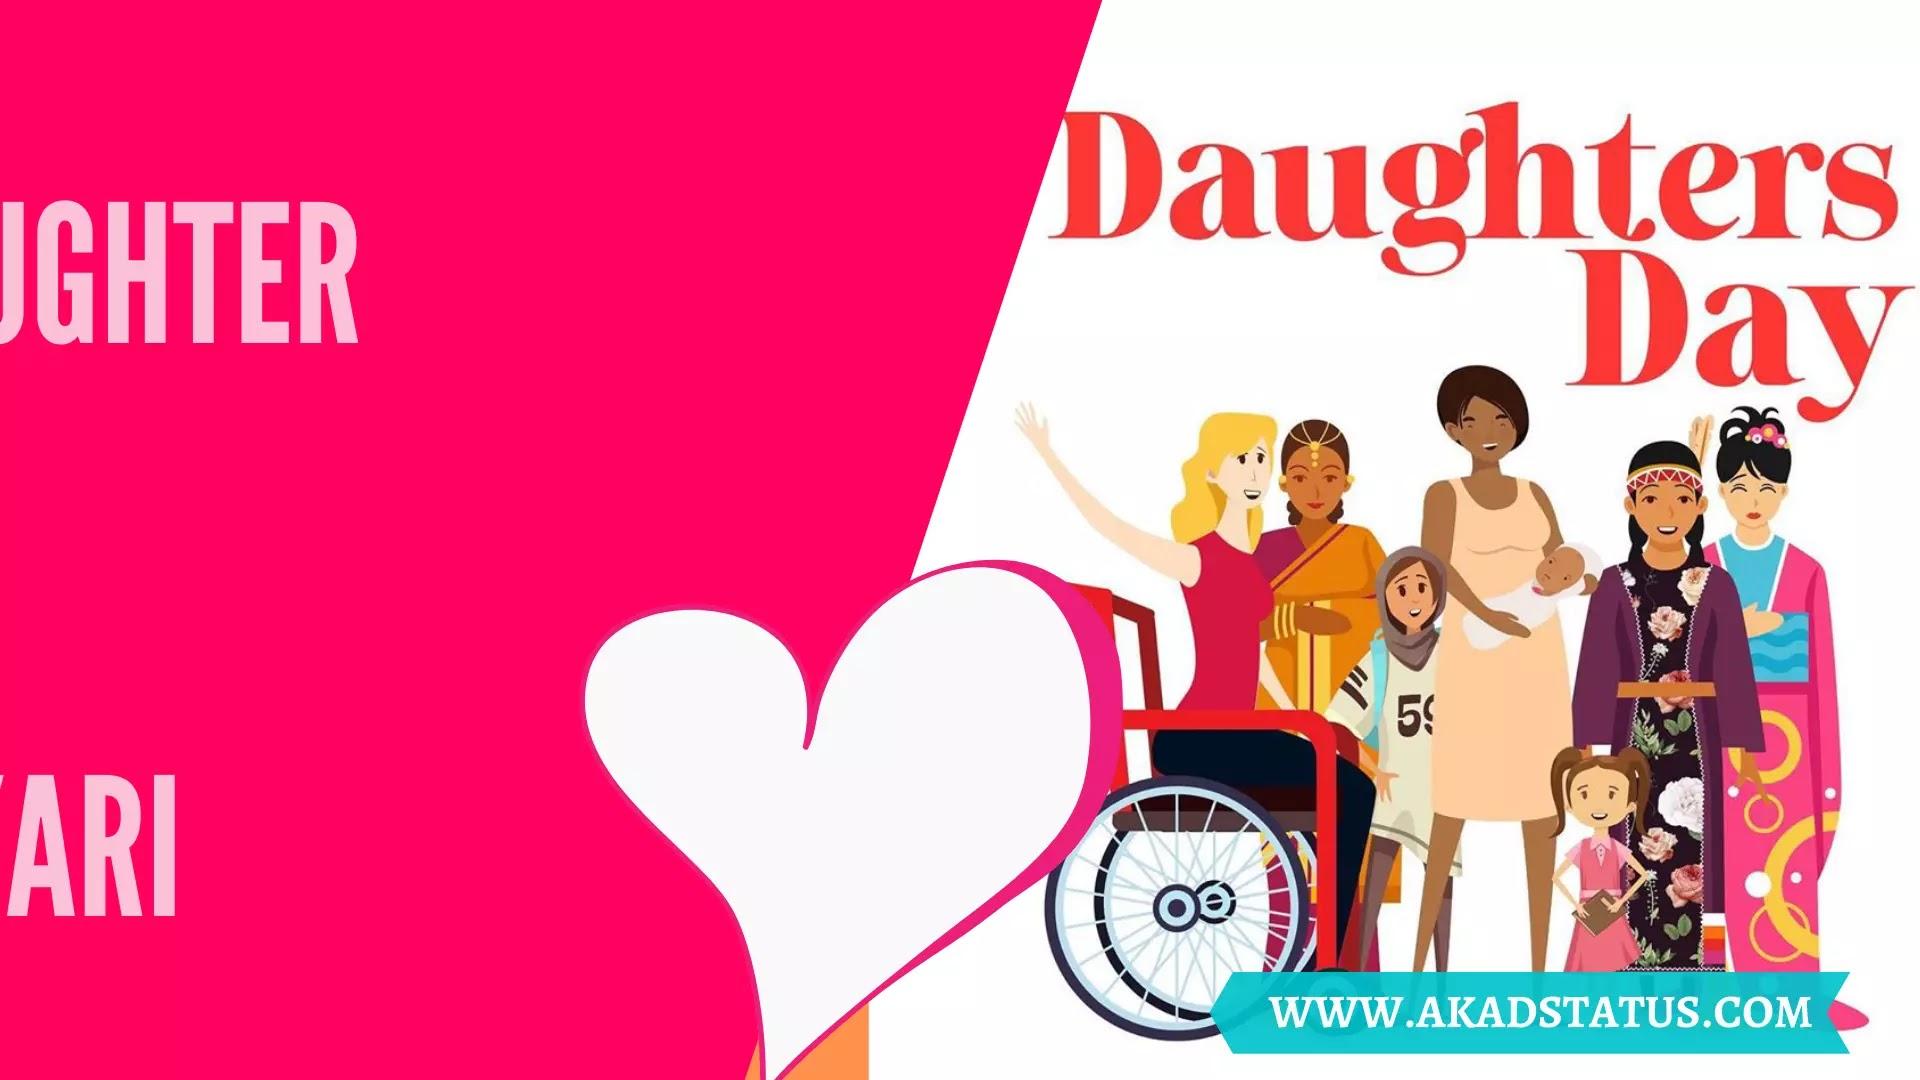 जन्म लेने पर शायरी, बेटी पर शायरी इन हिंदी, बेटी के जन्म पर बधाई शायरी, बेटी दिवस की बधाई, Daughter Day Quotes in Hindi, Daughter Day Status in Hindi, Daughter Day Shayari in Hindi